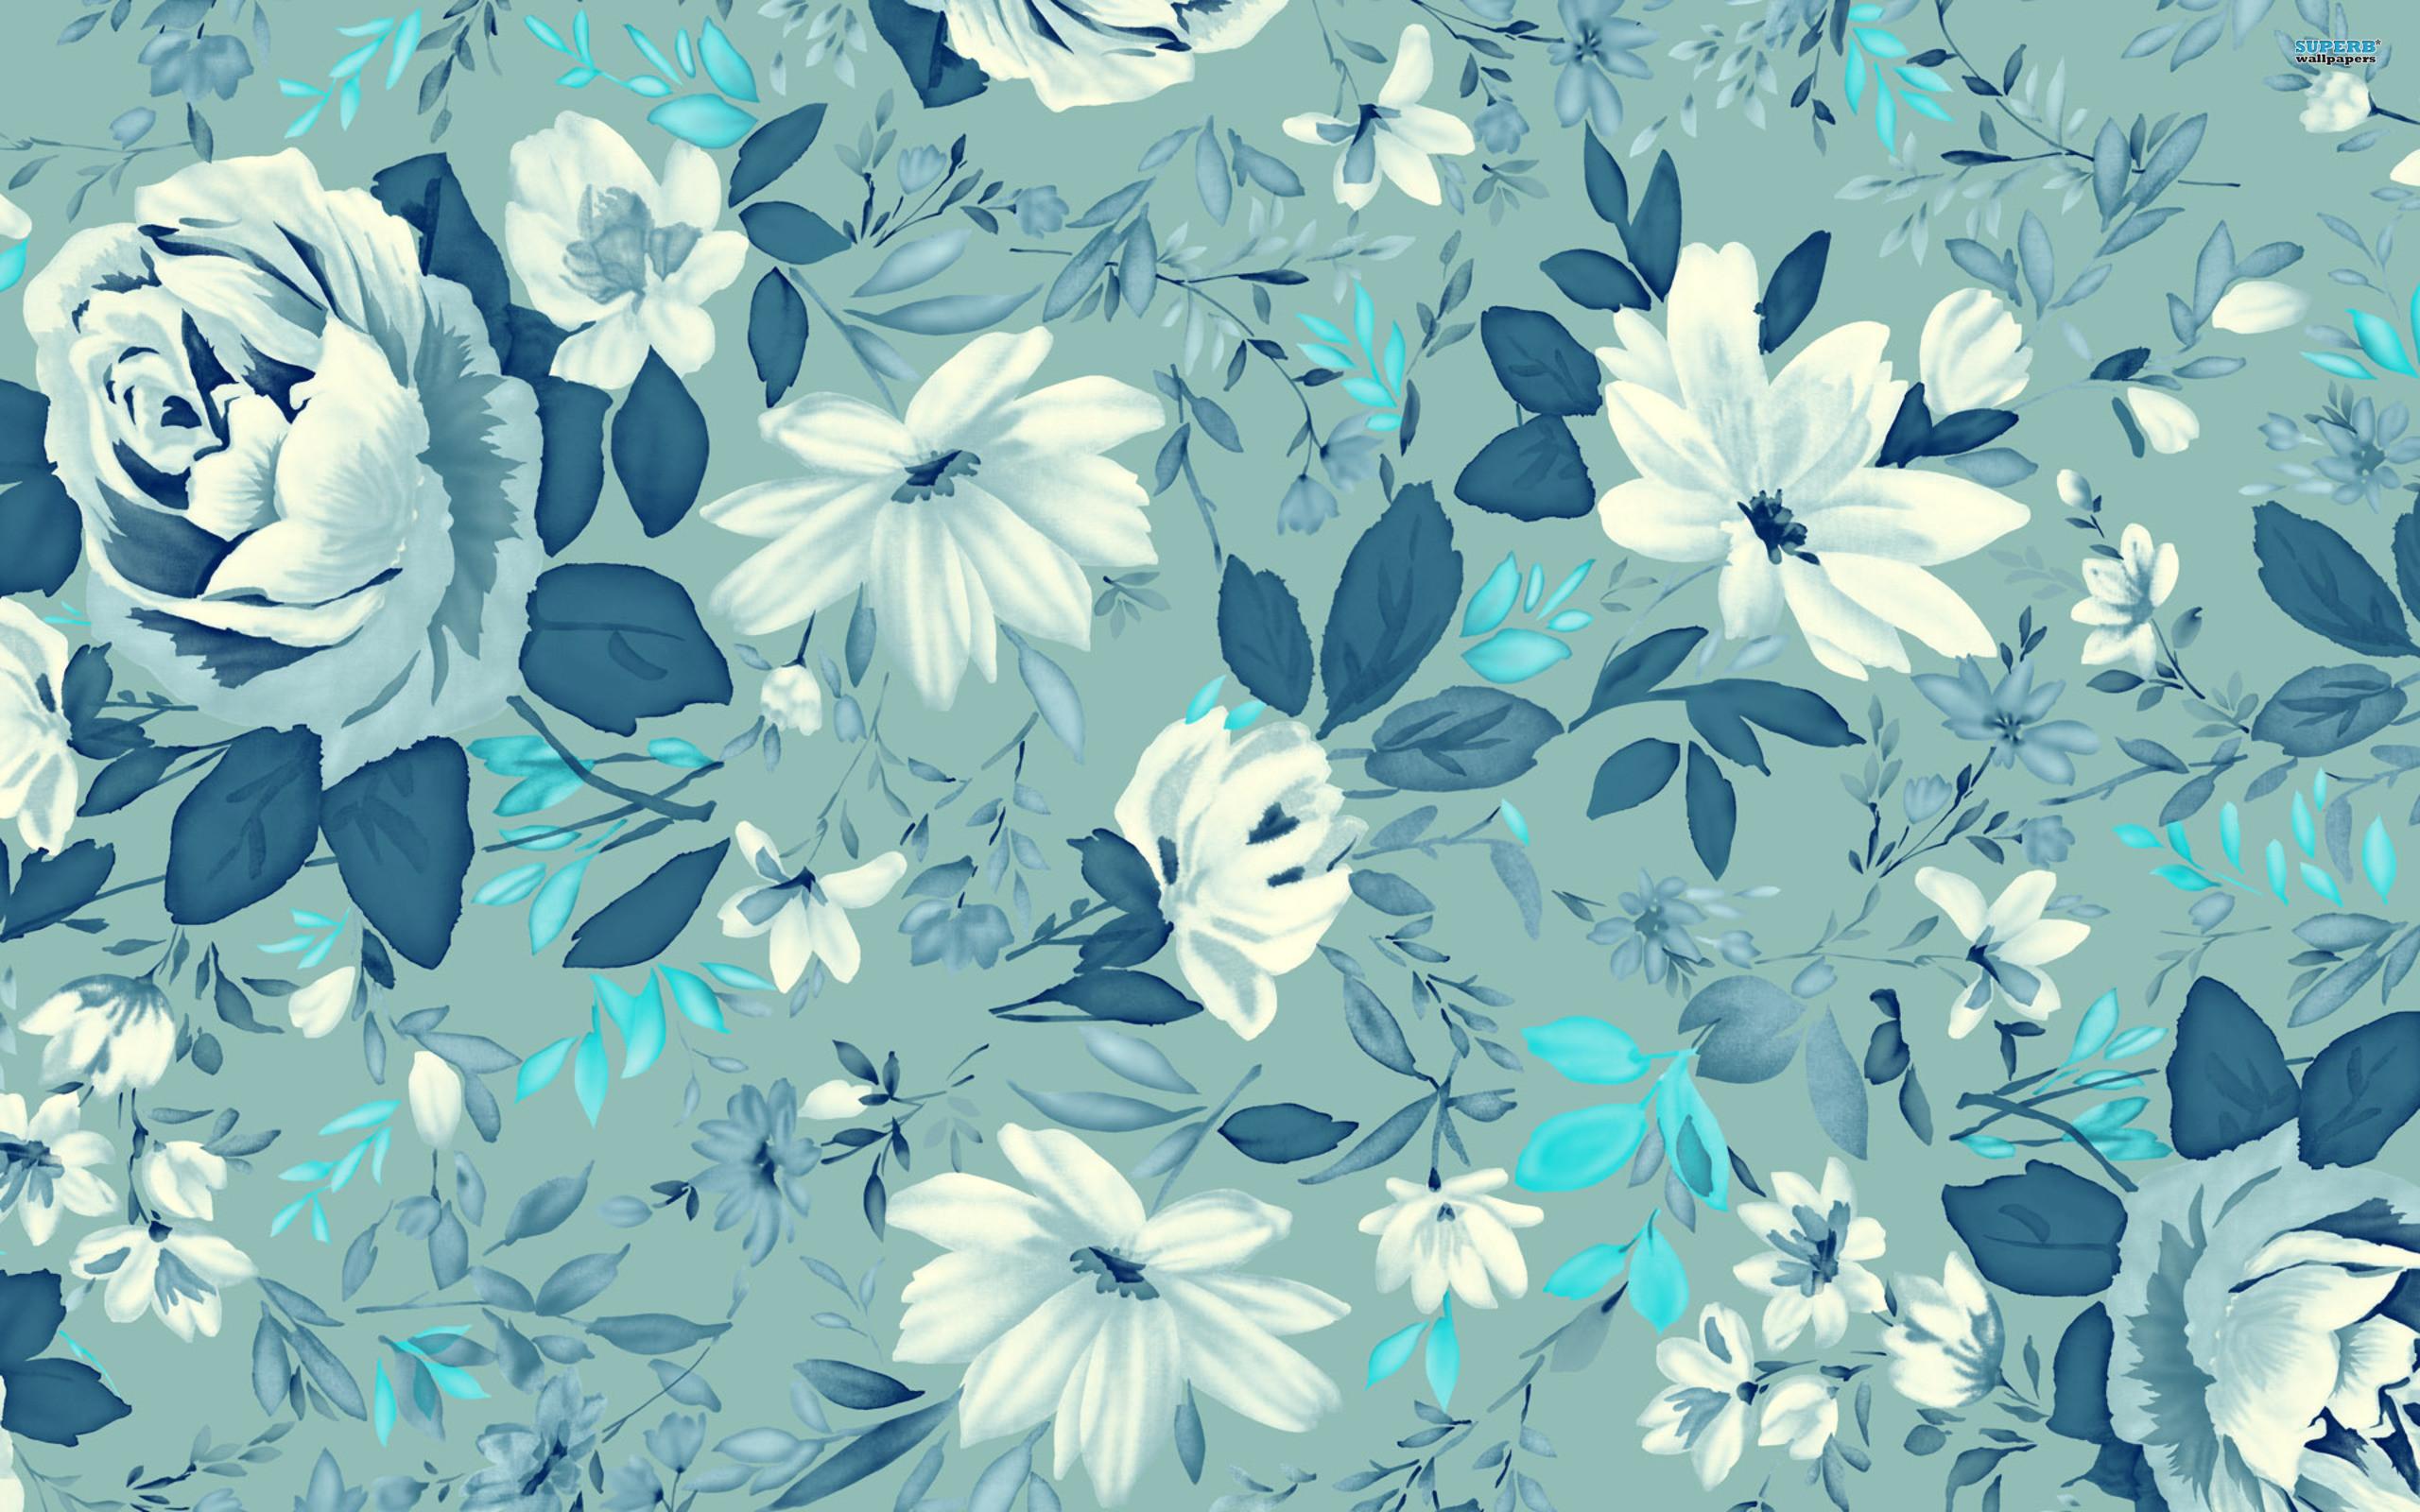 ಌ.blue Flowers Design.ಌ wallpaper free   HD Desktop Wallpapers